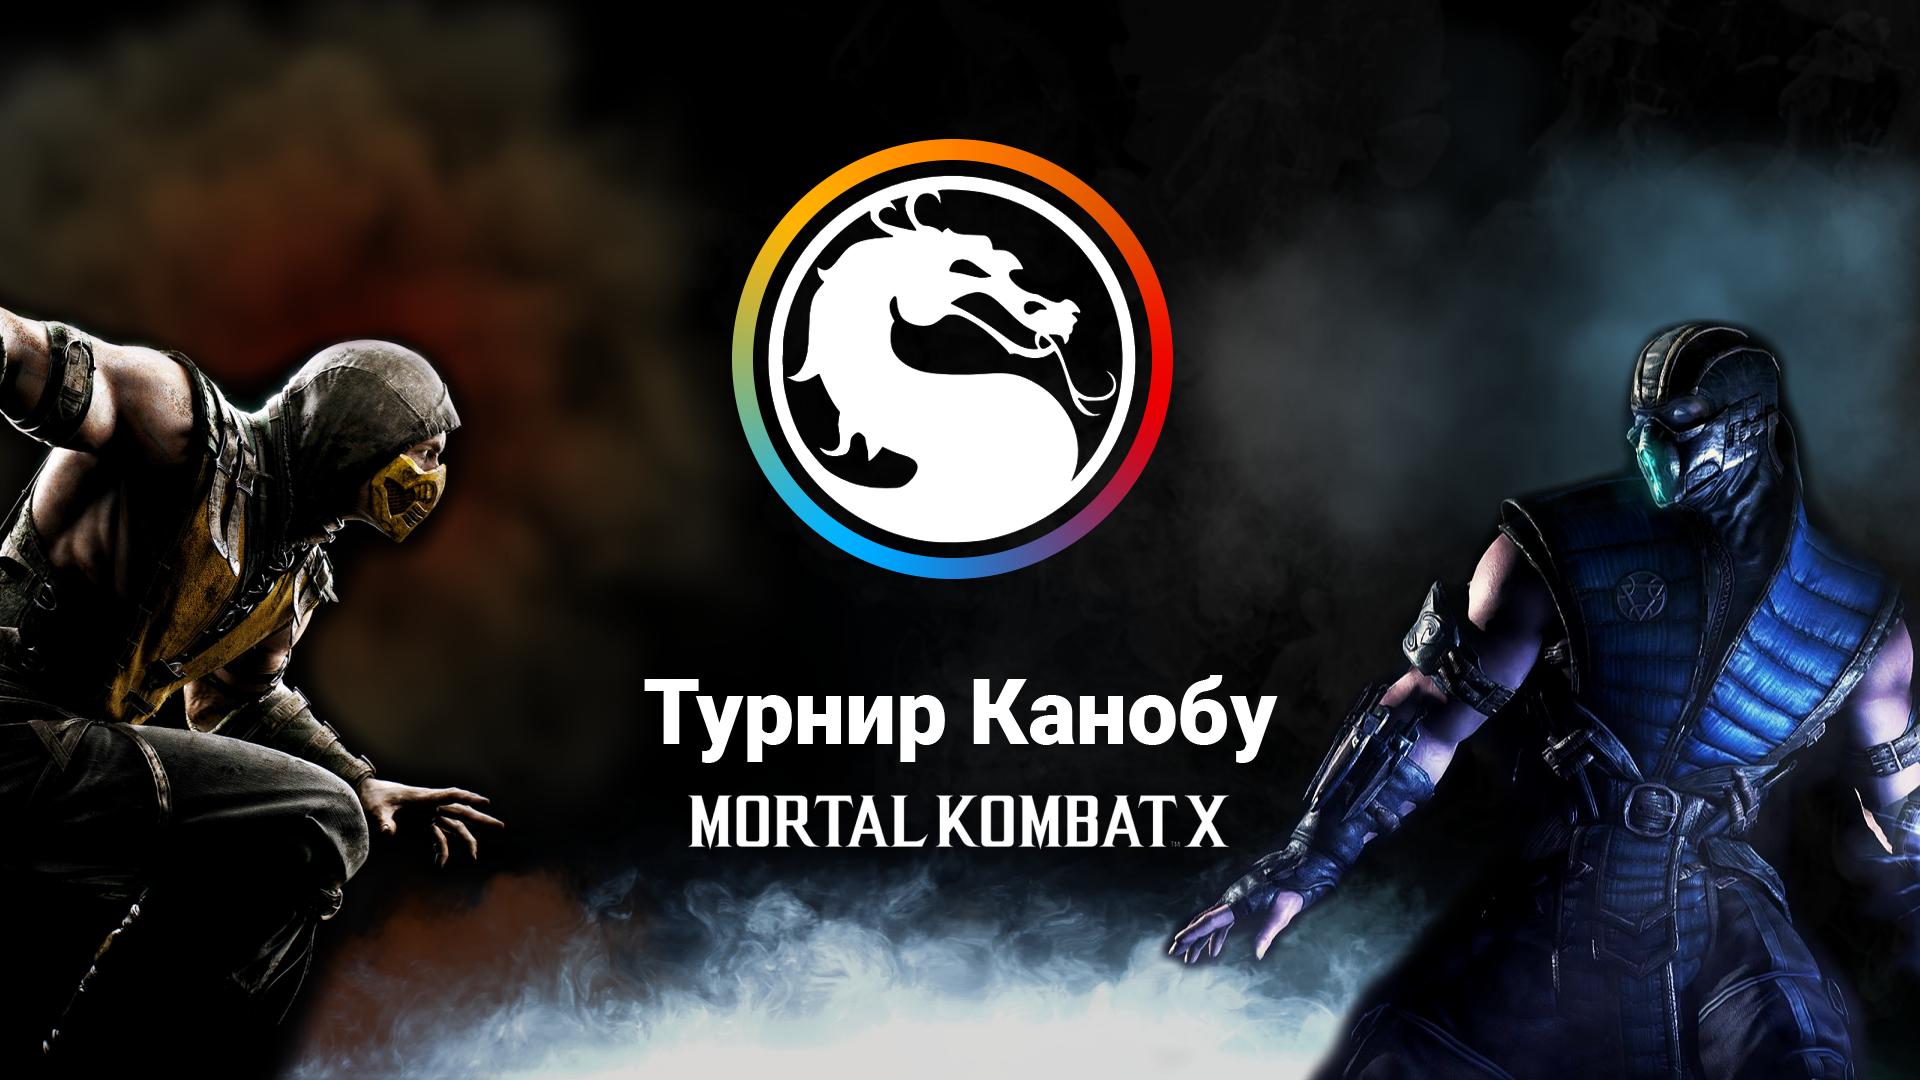 Правила проведения Турнира по Mortal Kombat X! - Изображение 1